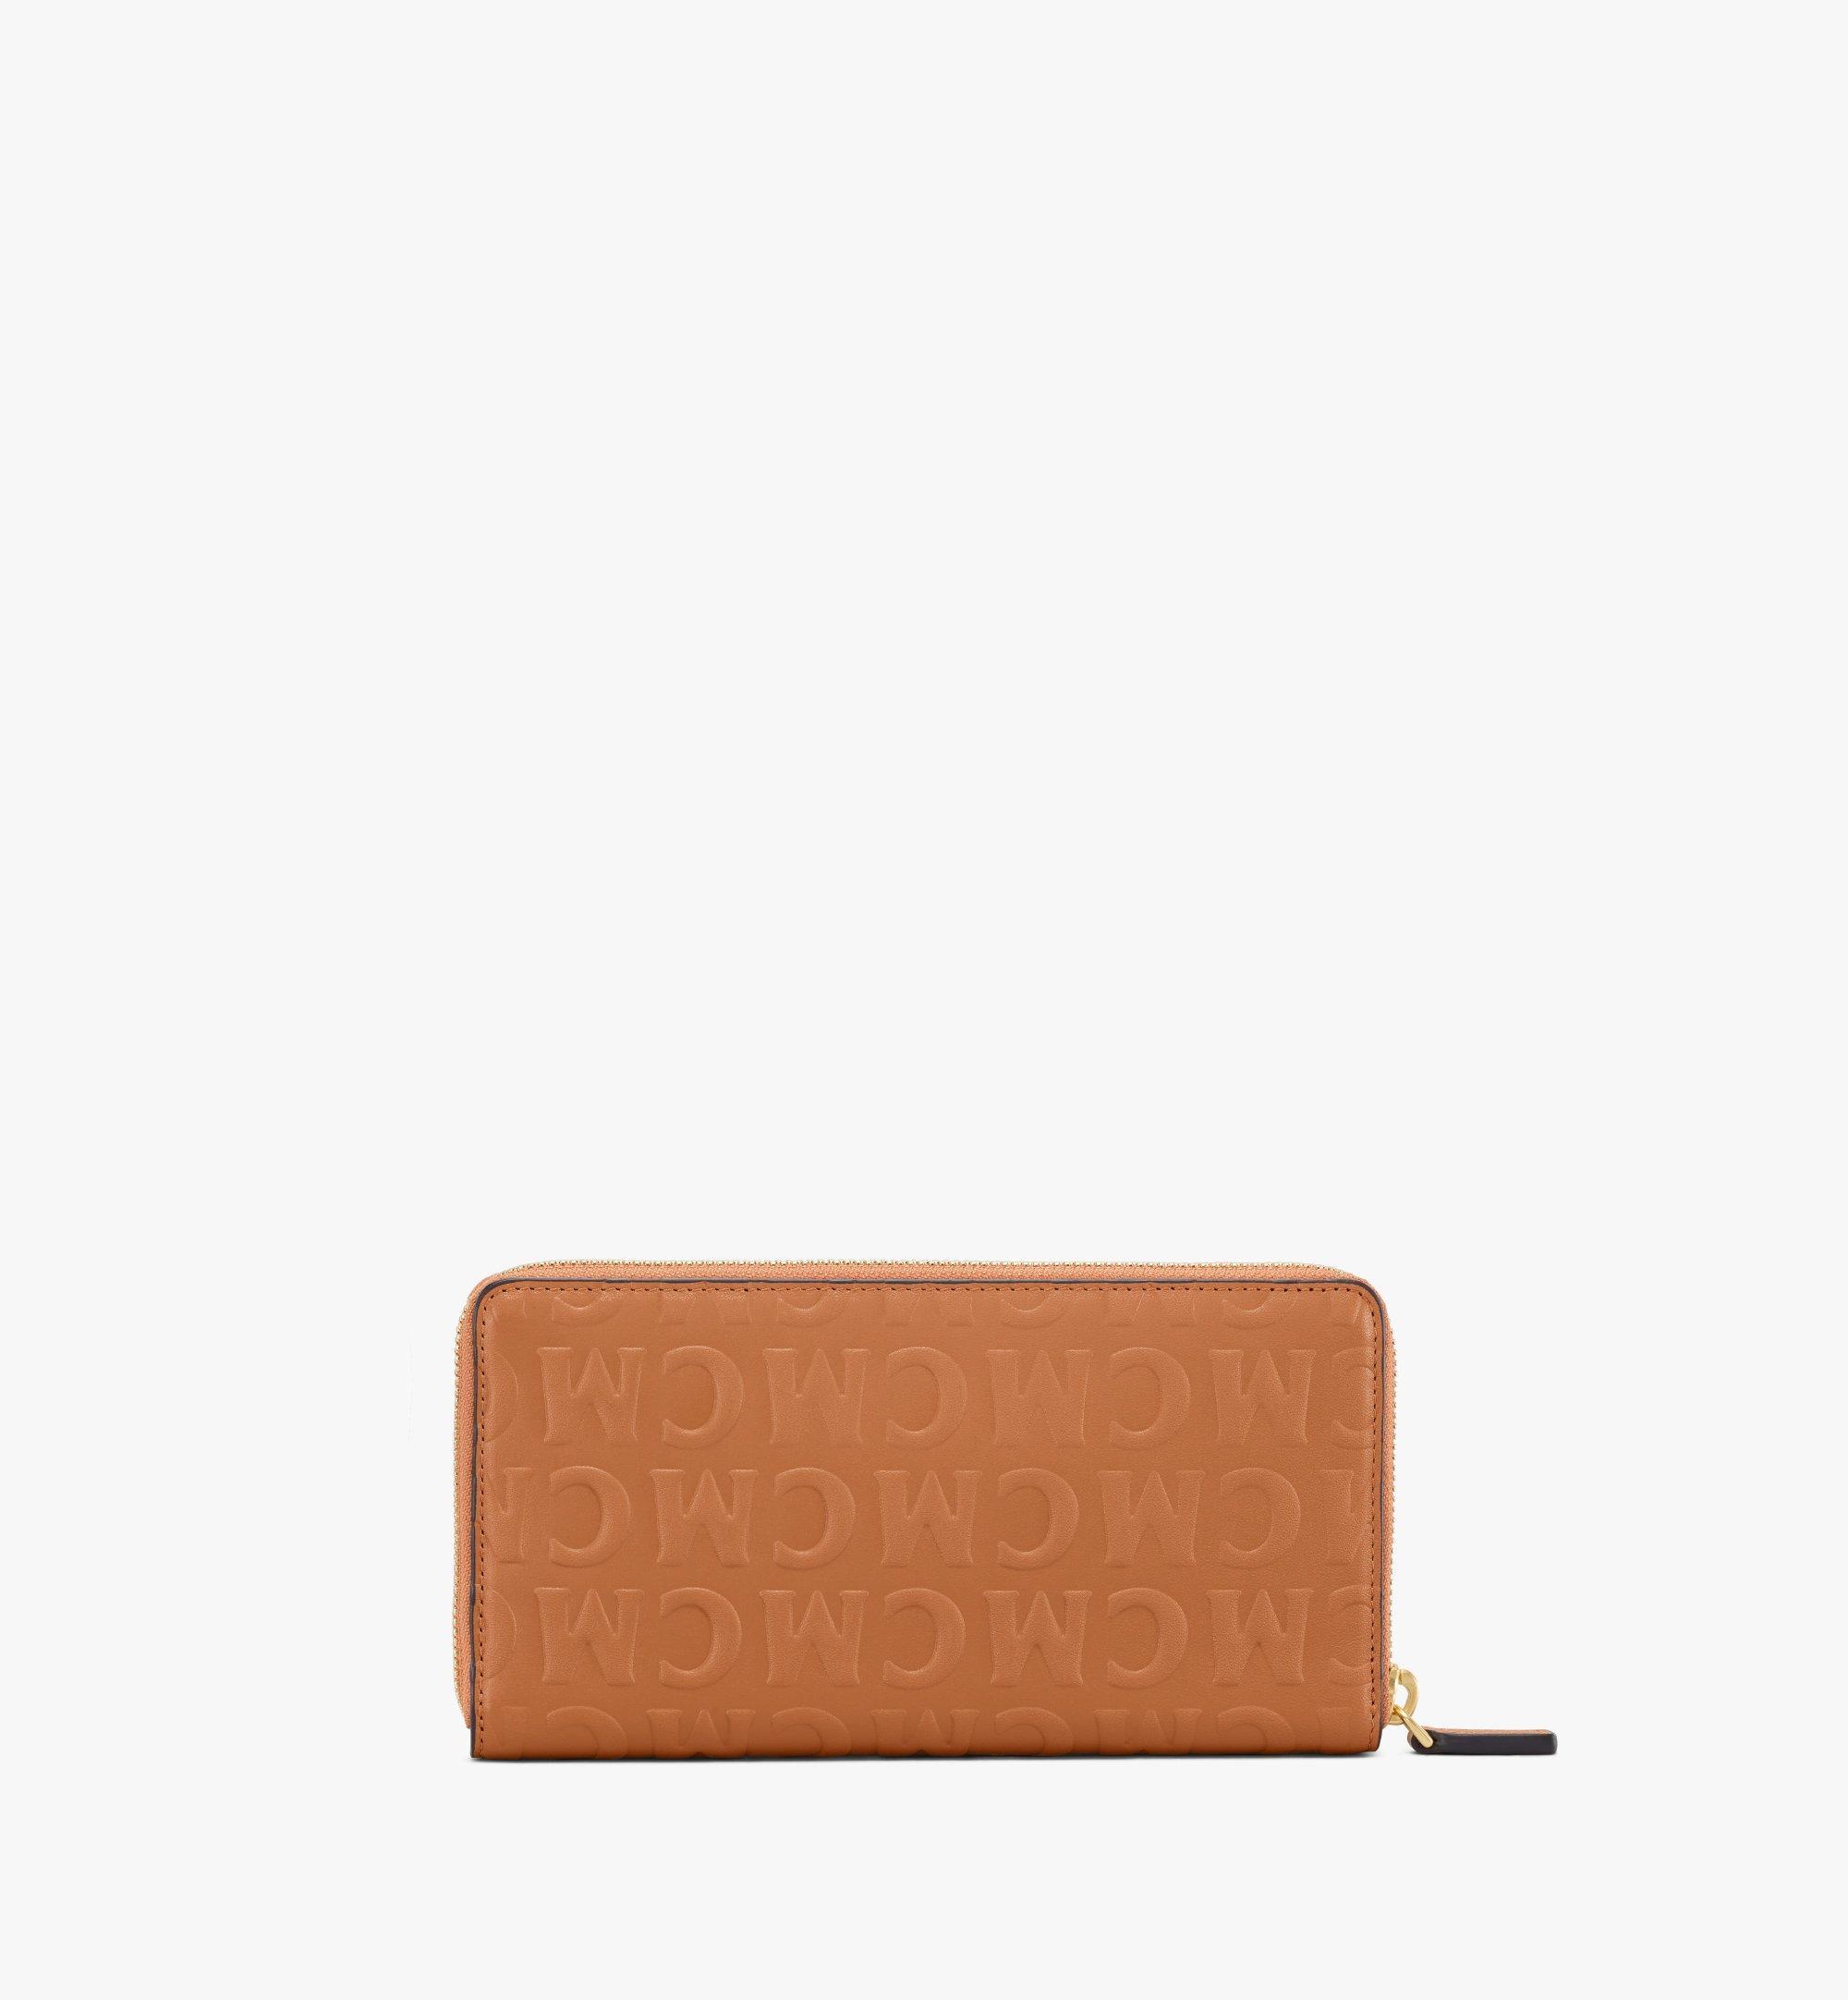 MCM Lederbrieftasche mit Rundum-Reissverschluss und MCM-Monogramm Cognac MYLAAMD01CO001 Noch mehr sehen 2